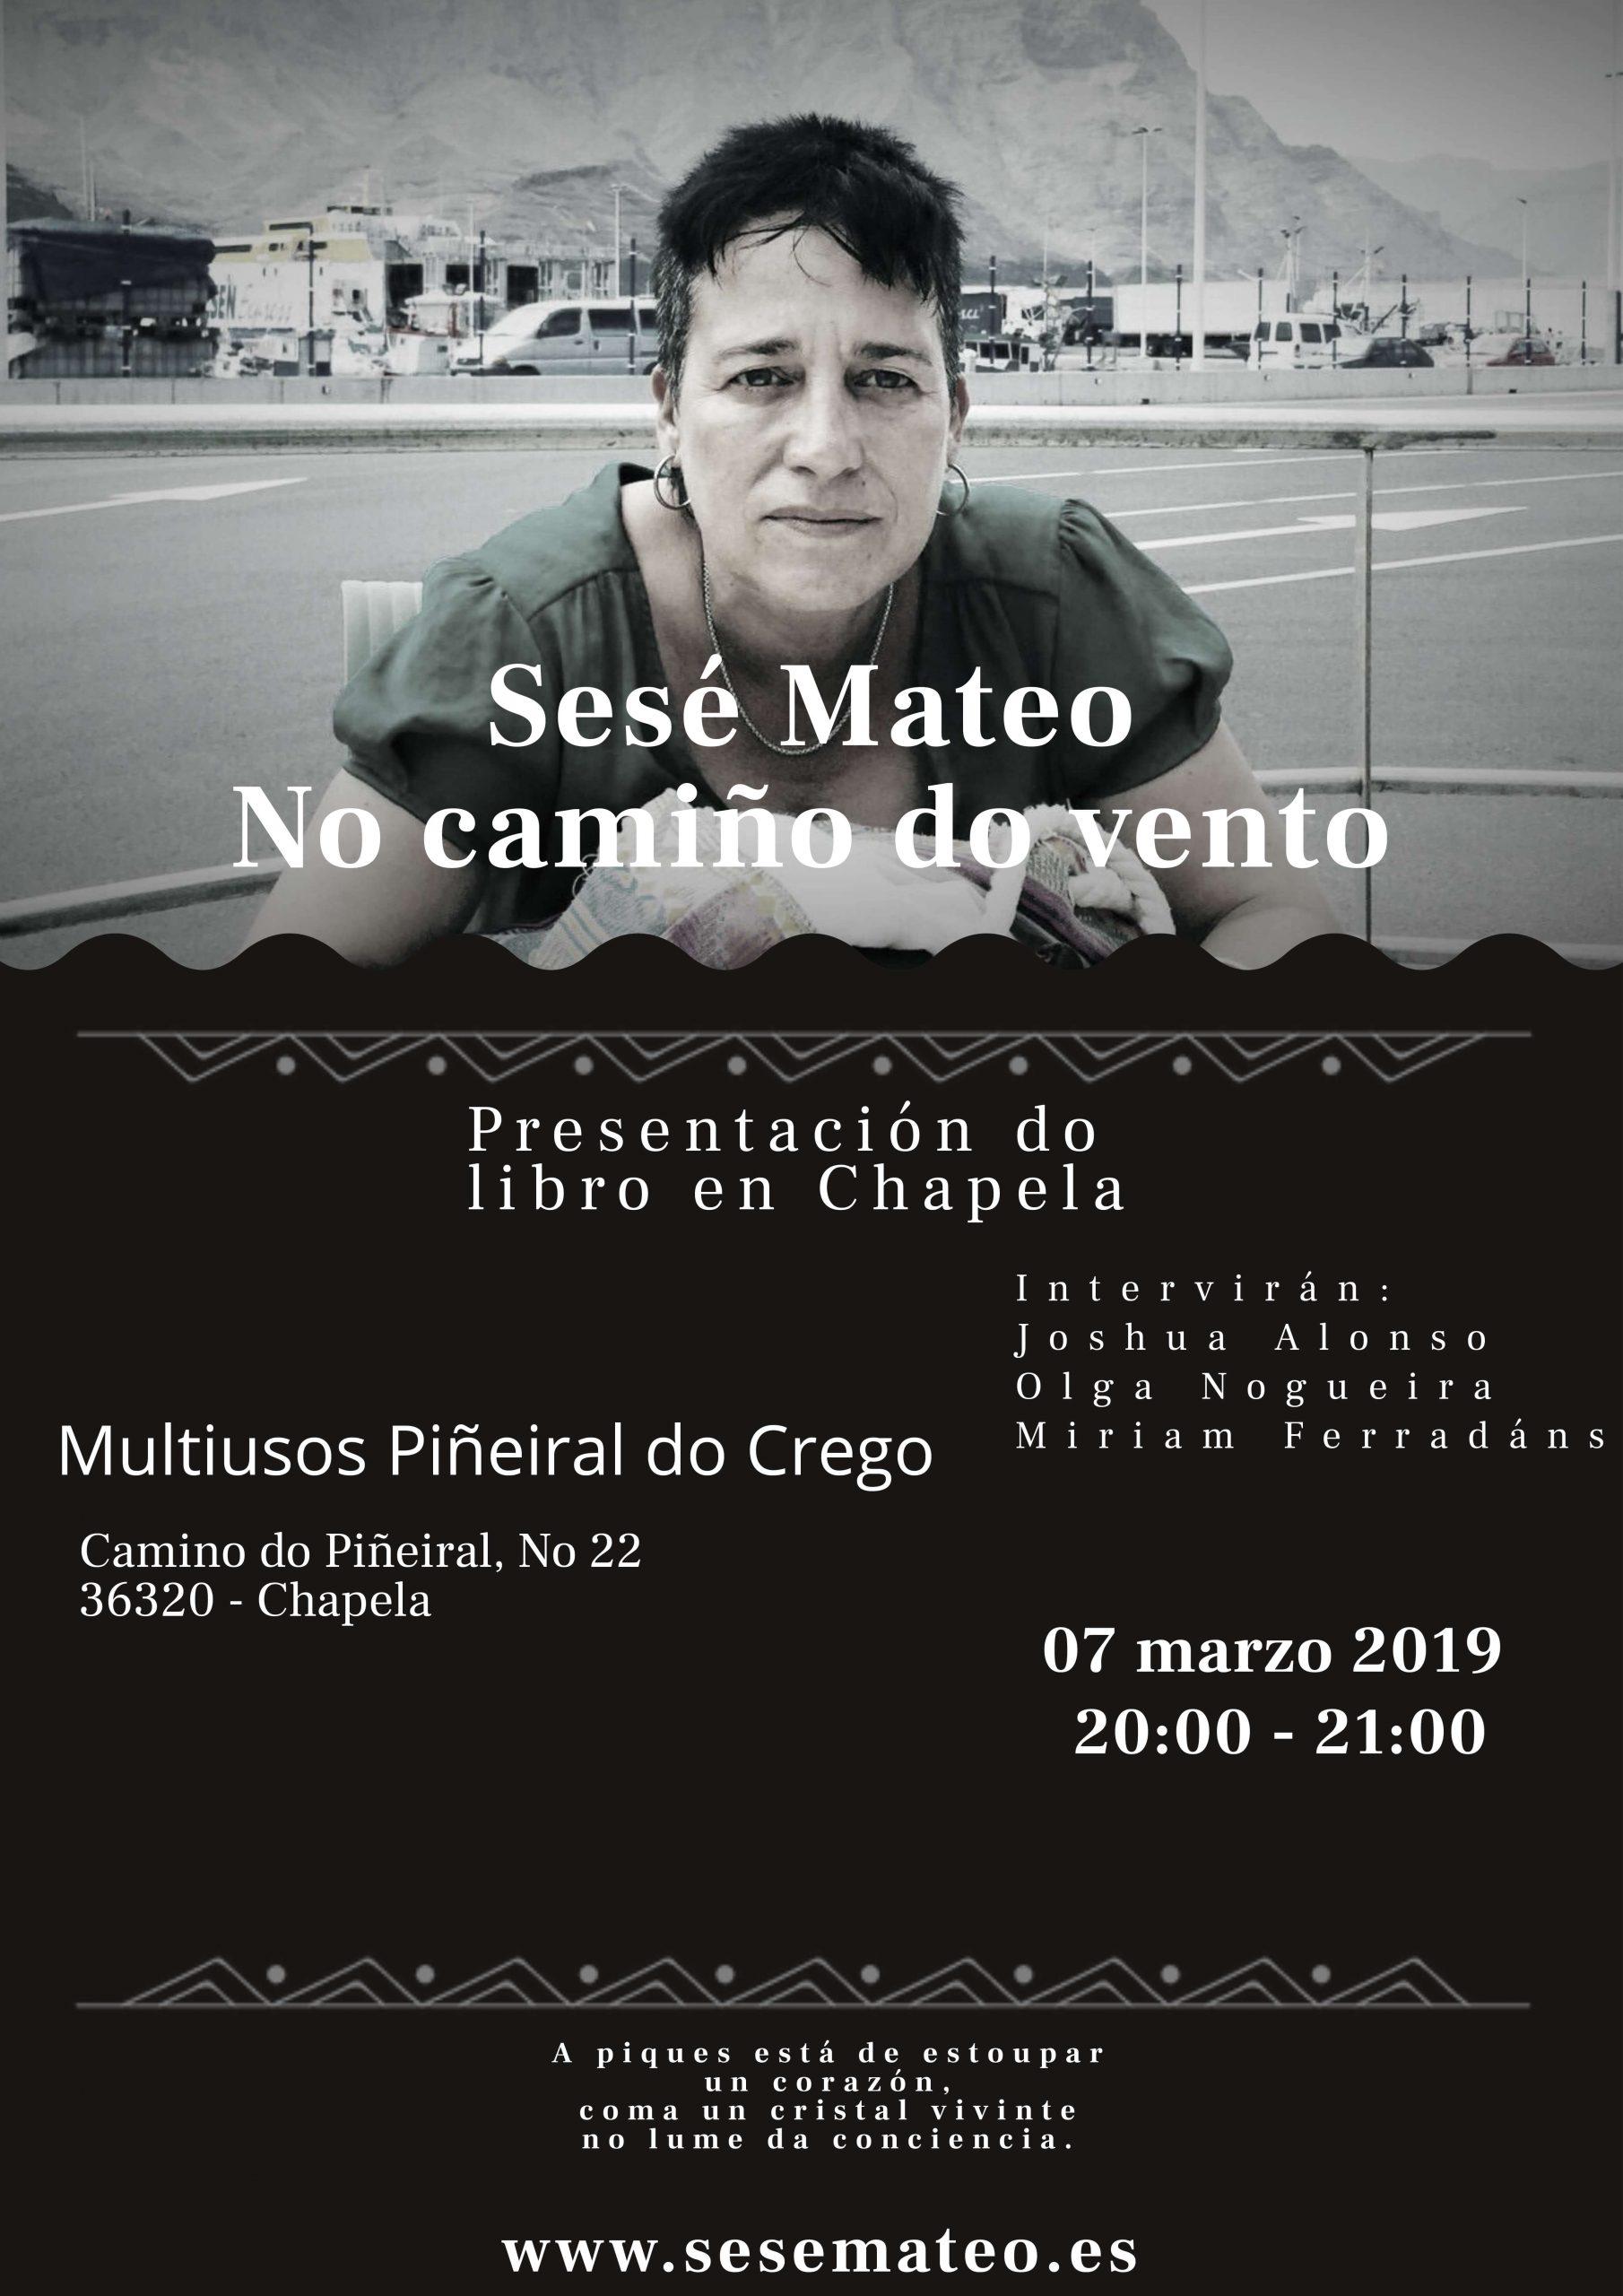 """Presentación """"No camiño do vento"""" de Sesé Mateo en Chapela"""